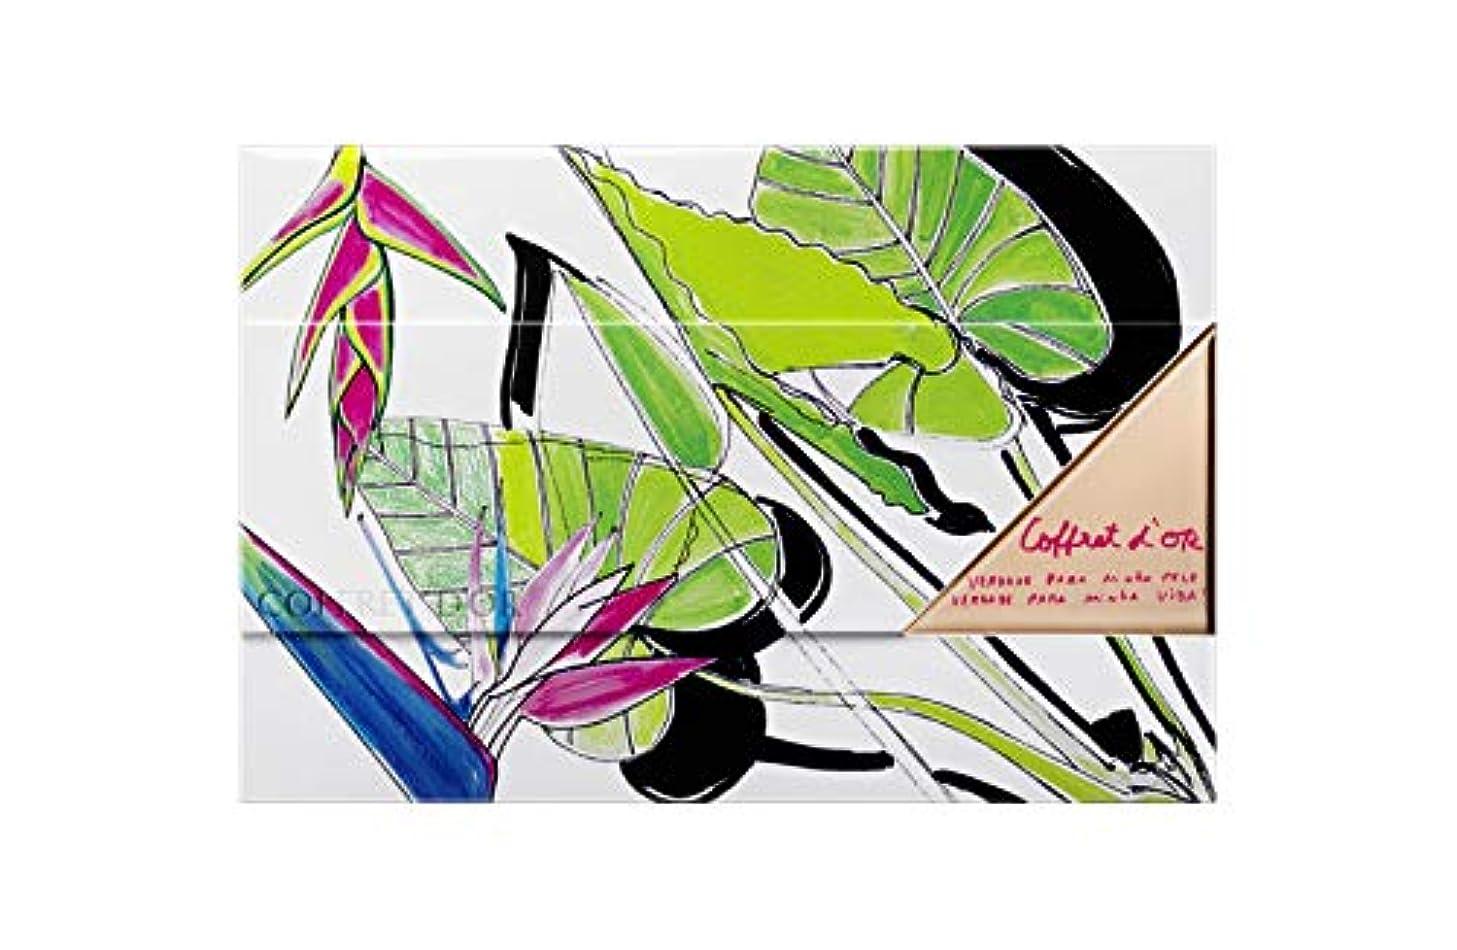 マトロン列車そのコフレドール ヌーディカバー ロングキープパクトUV リミテッドセットf オークル-C PLAYED DESIGN 【LIKE NATURE】 SPF20 ?PA++ ファンデーション(パクト)